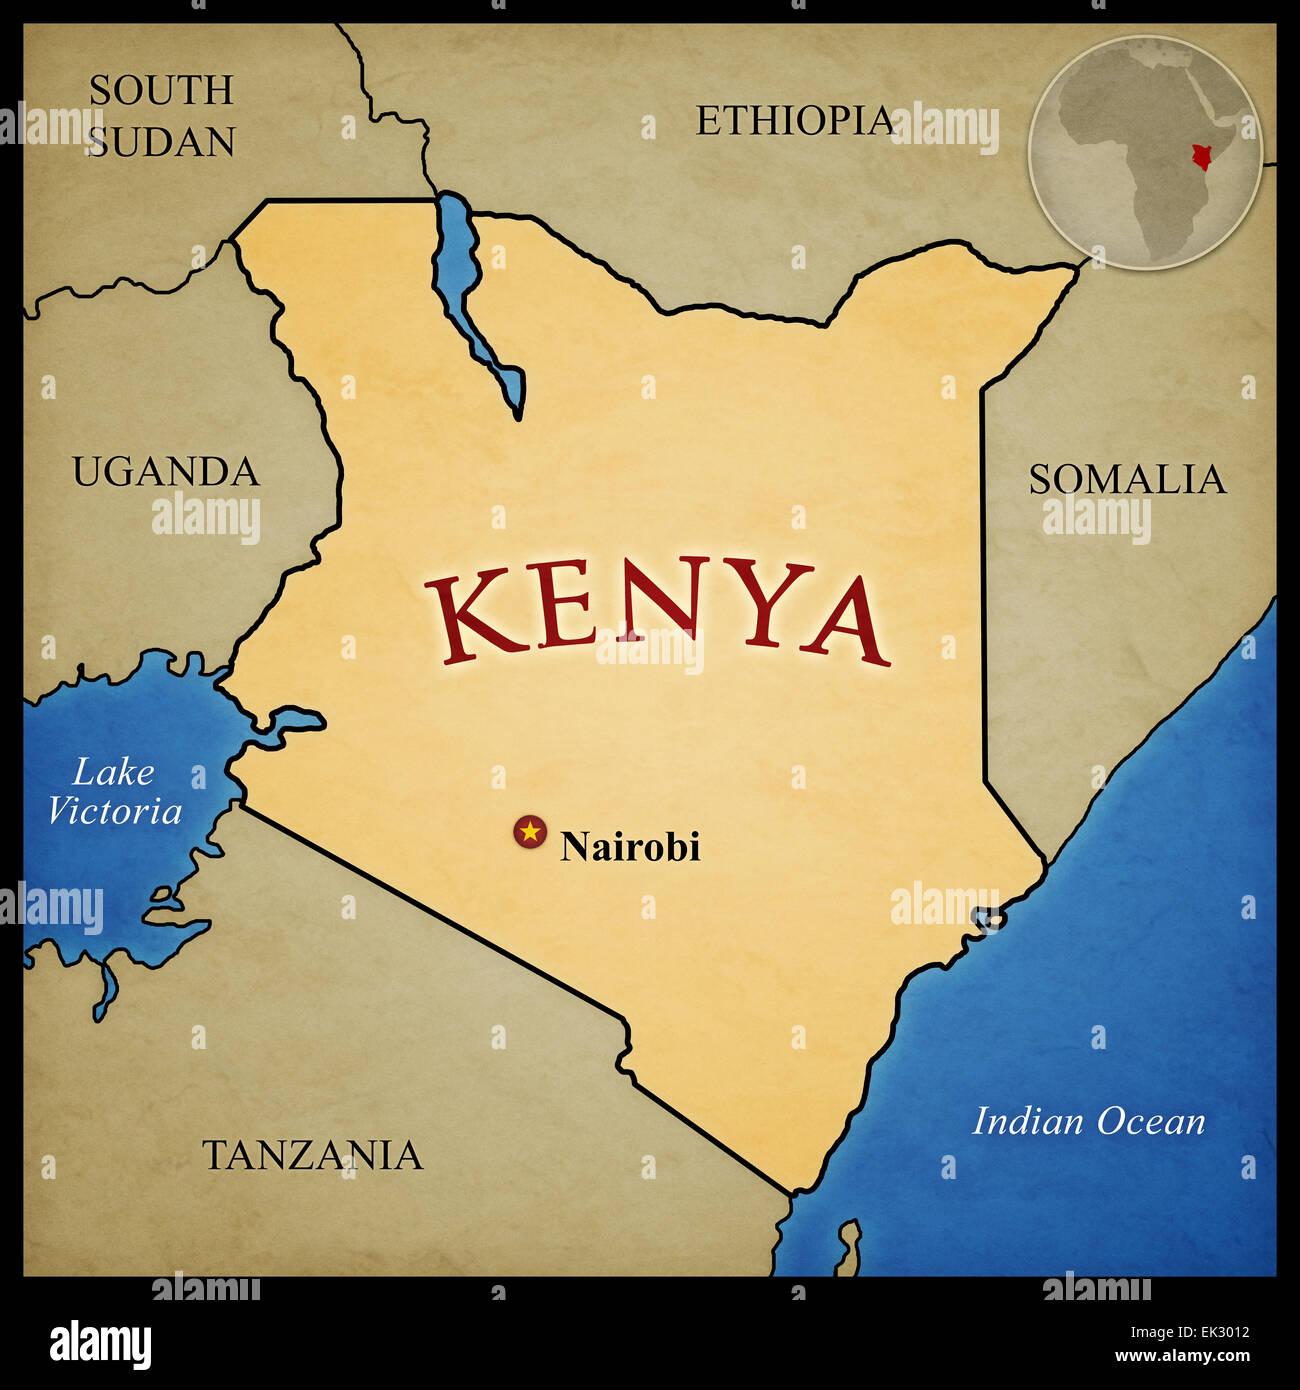 Kenya Map And Bordering Countries With Capital Nairobi